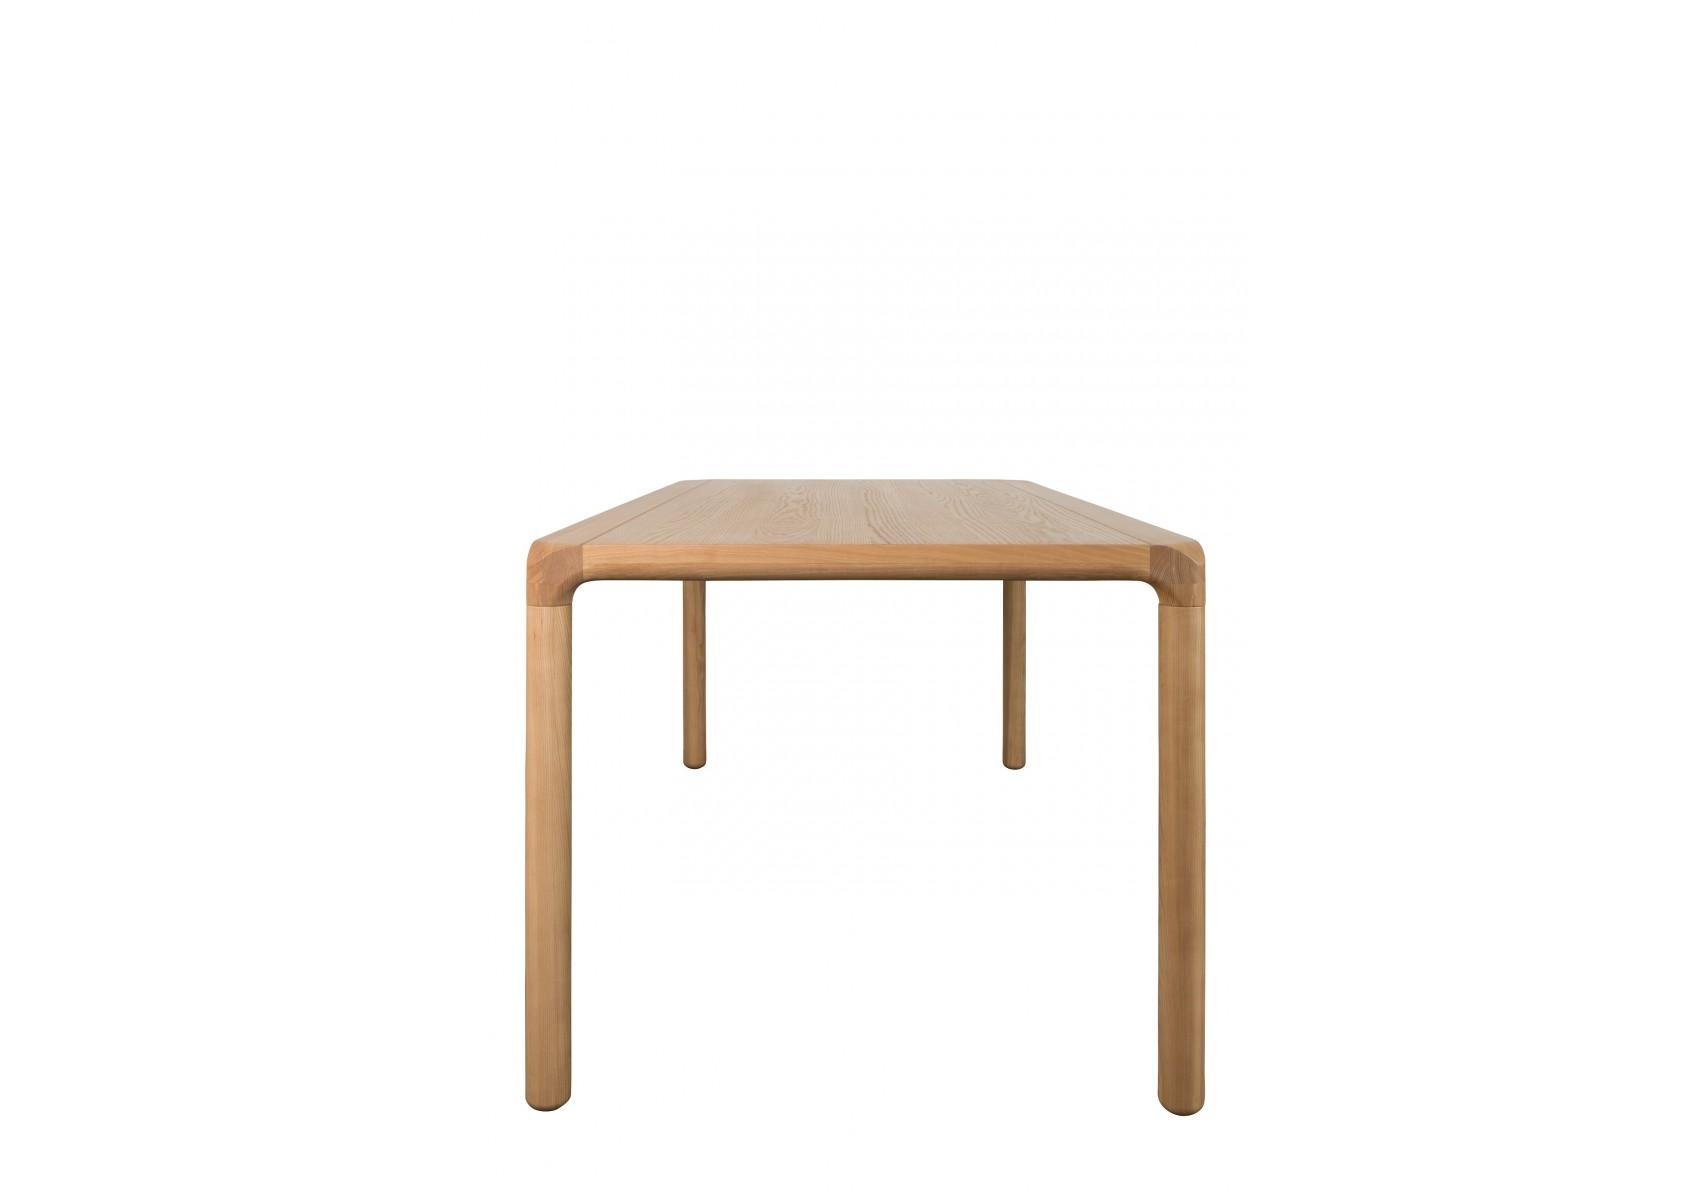 grande table de repas storm en bois de fr ne 220 cm boite design. Black Bedroom Furniture Sets. Home Design Ideas